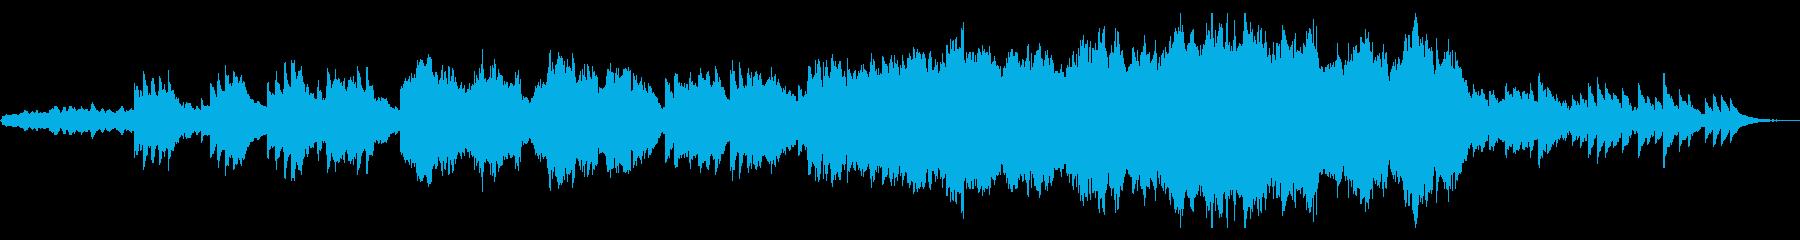 エンディング風感動的なオーケストラの再生済みの波形